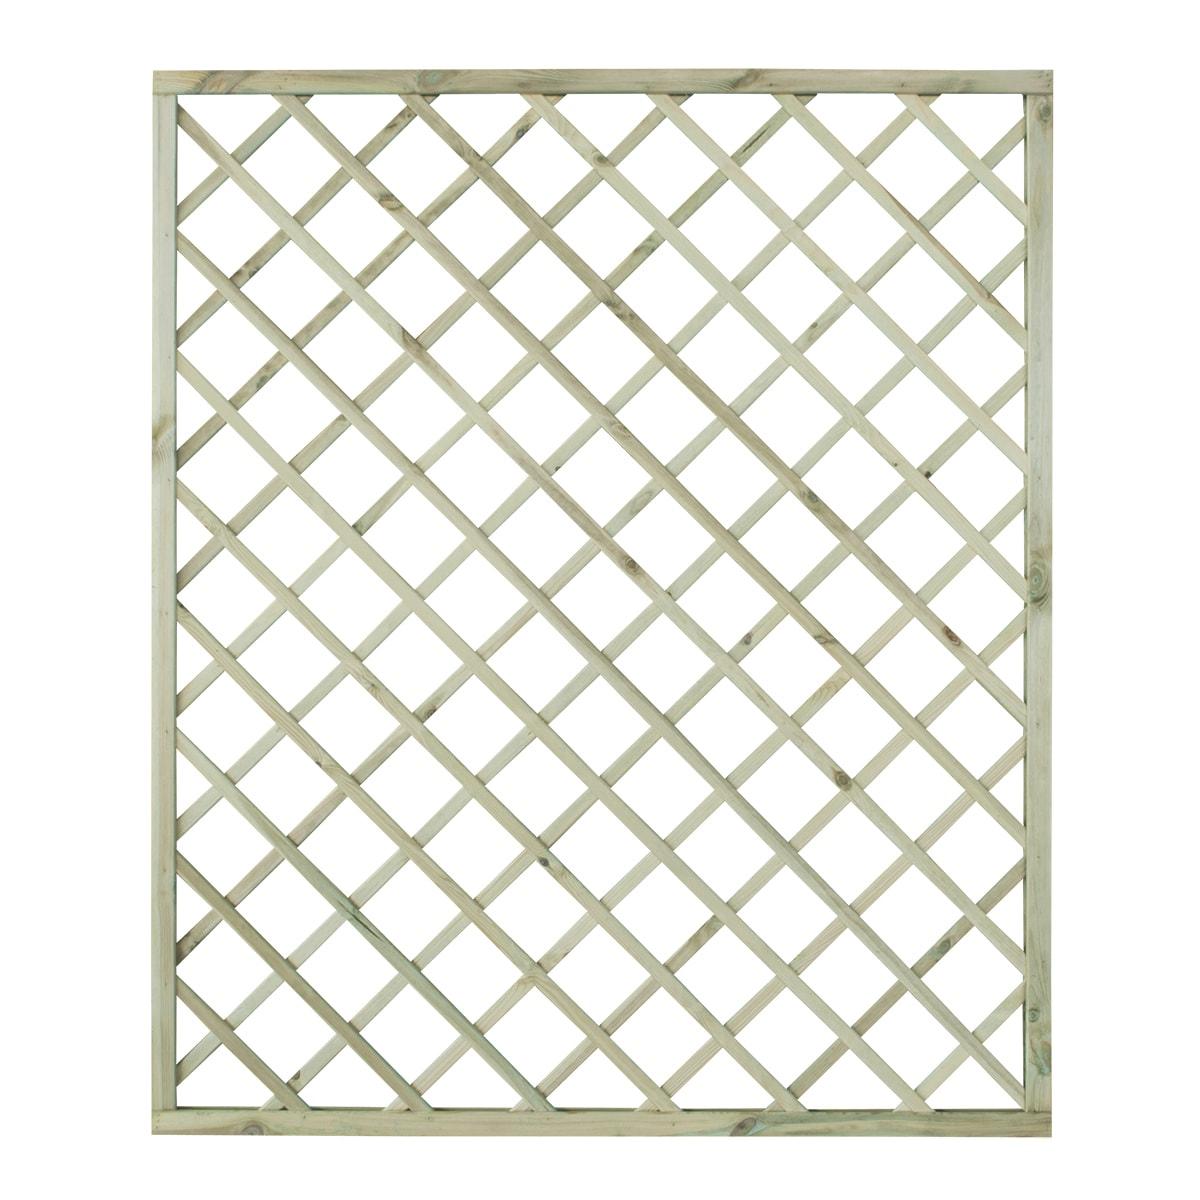 Paravento In Legno Per Esterni pannello reticolato in legno diago 150 x 180 cm